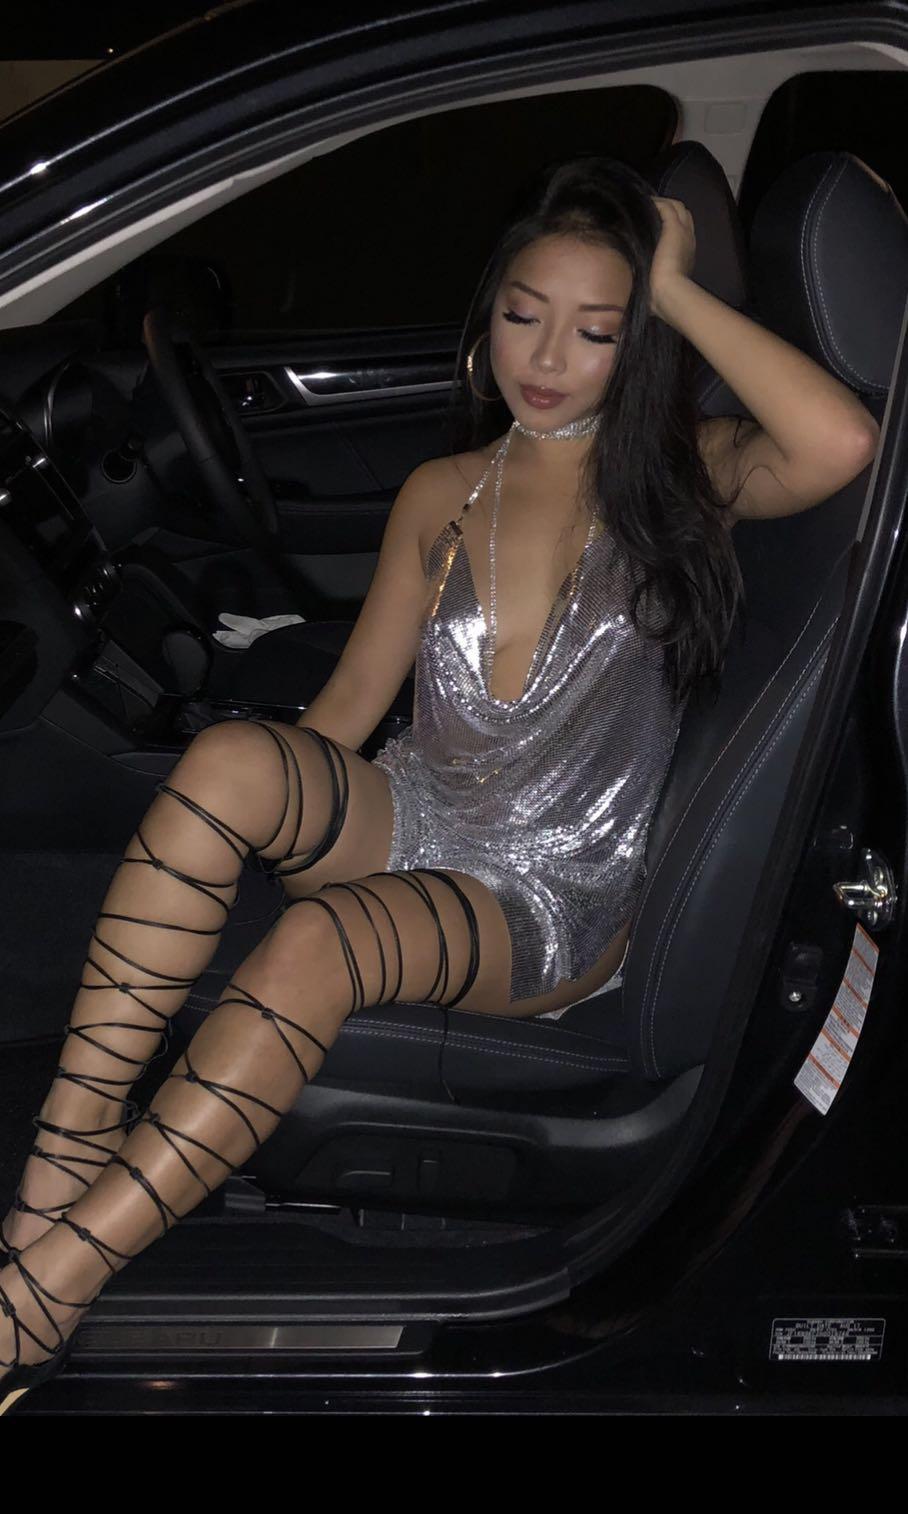 Silver metal dress